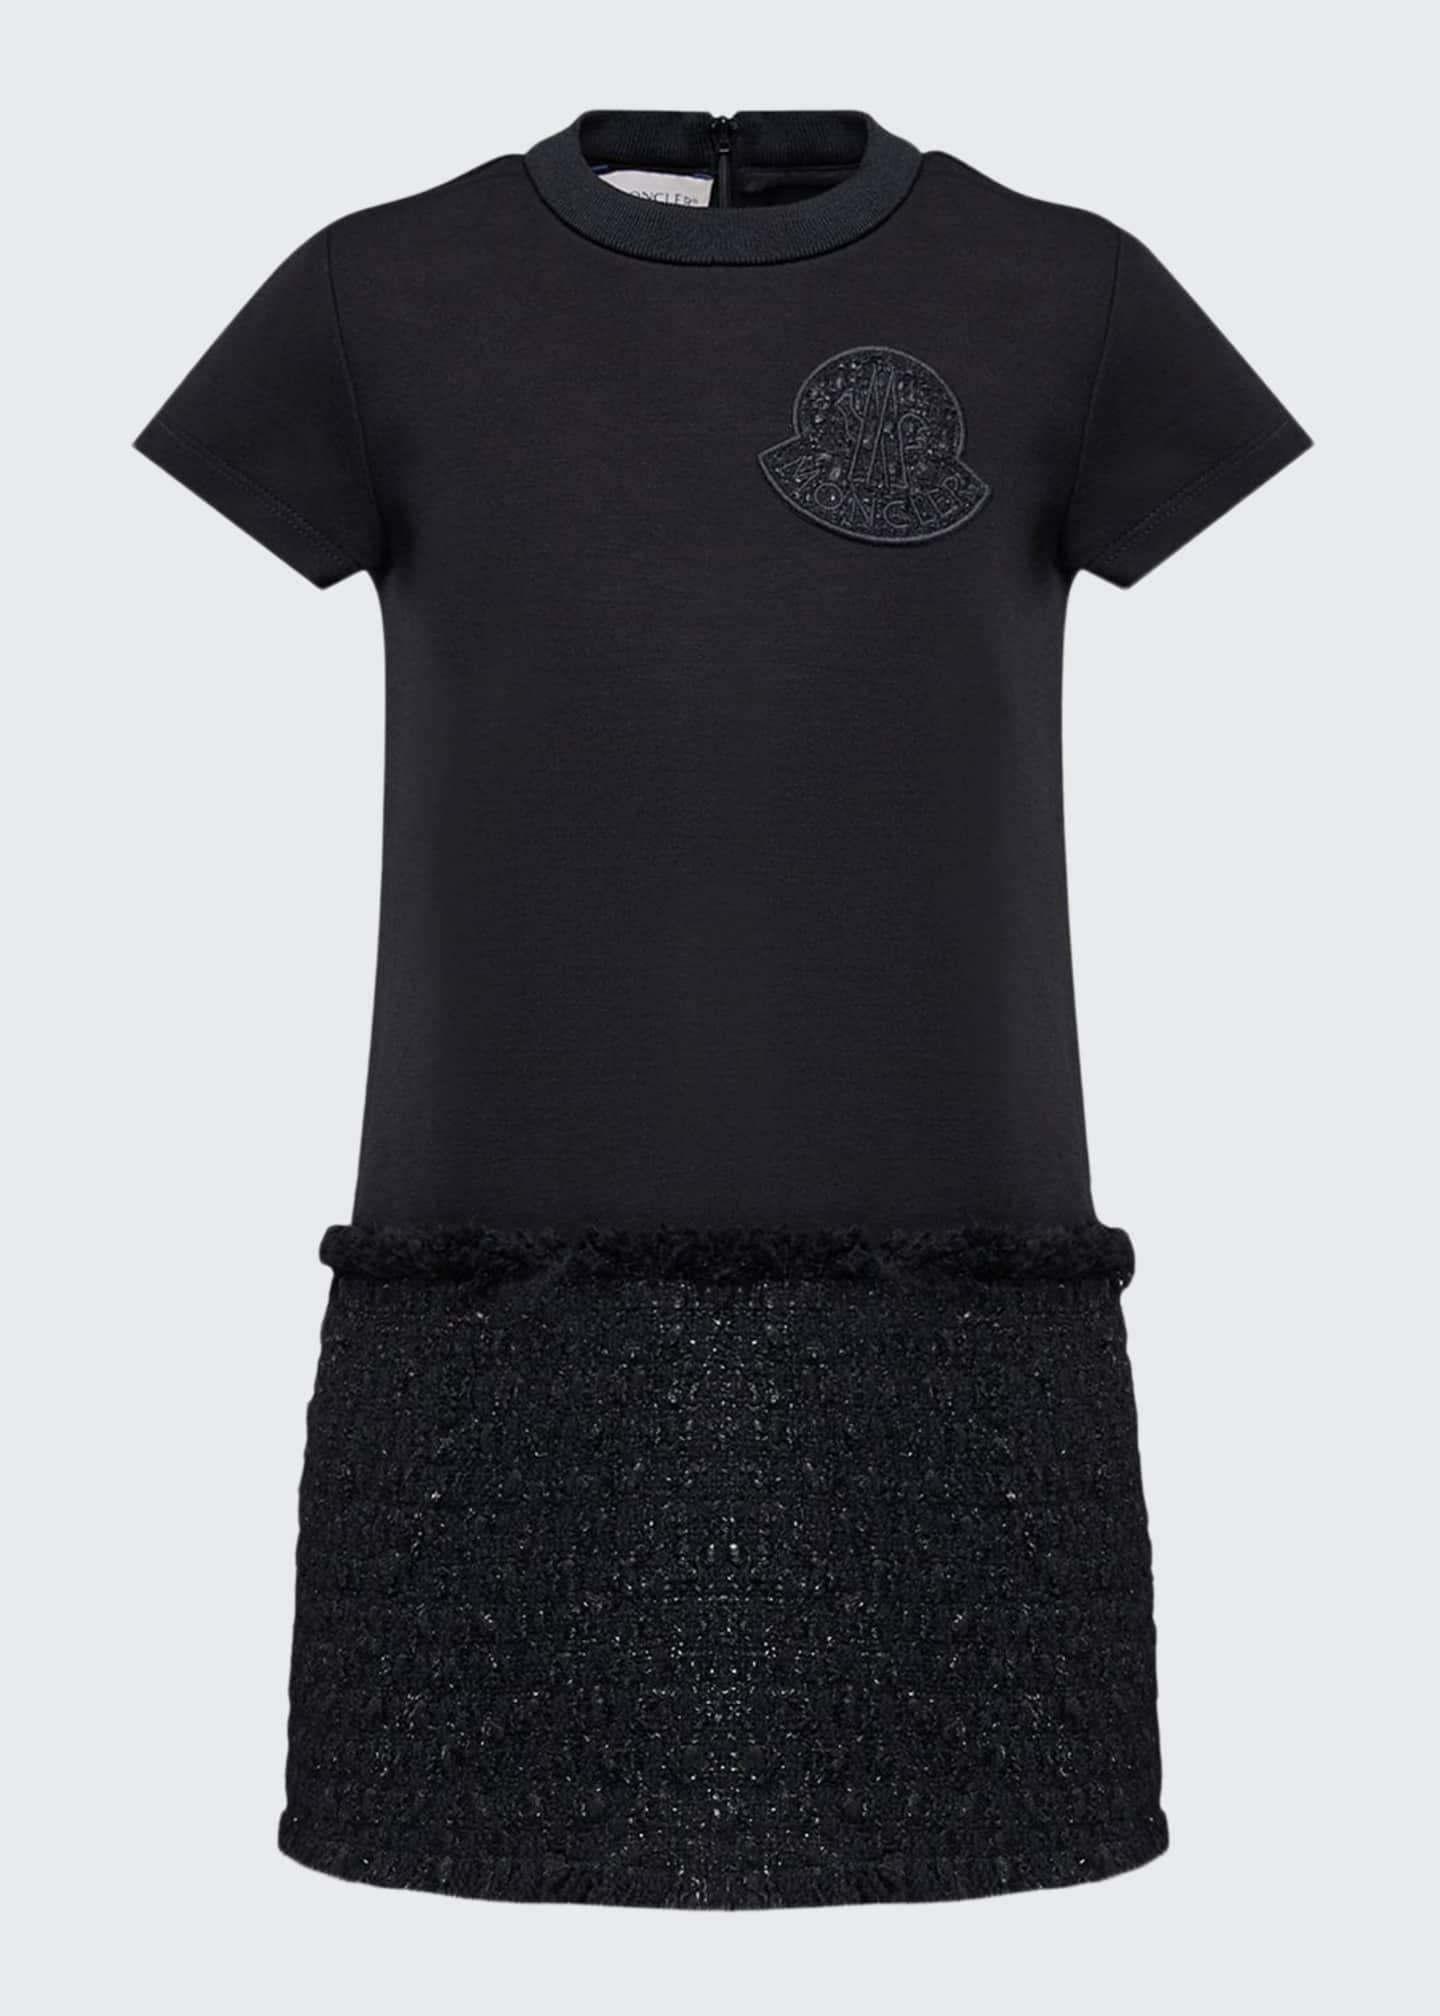 Moncler Girl's Short-Sleeve Metallic Skirt Fringe Dress, Size